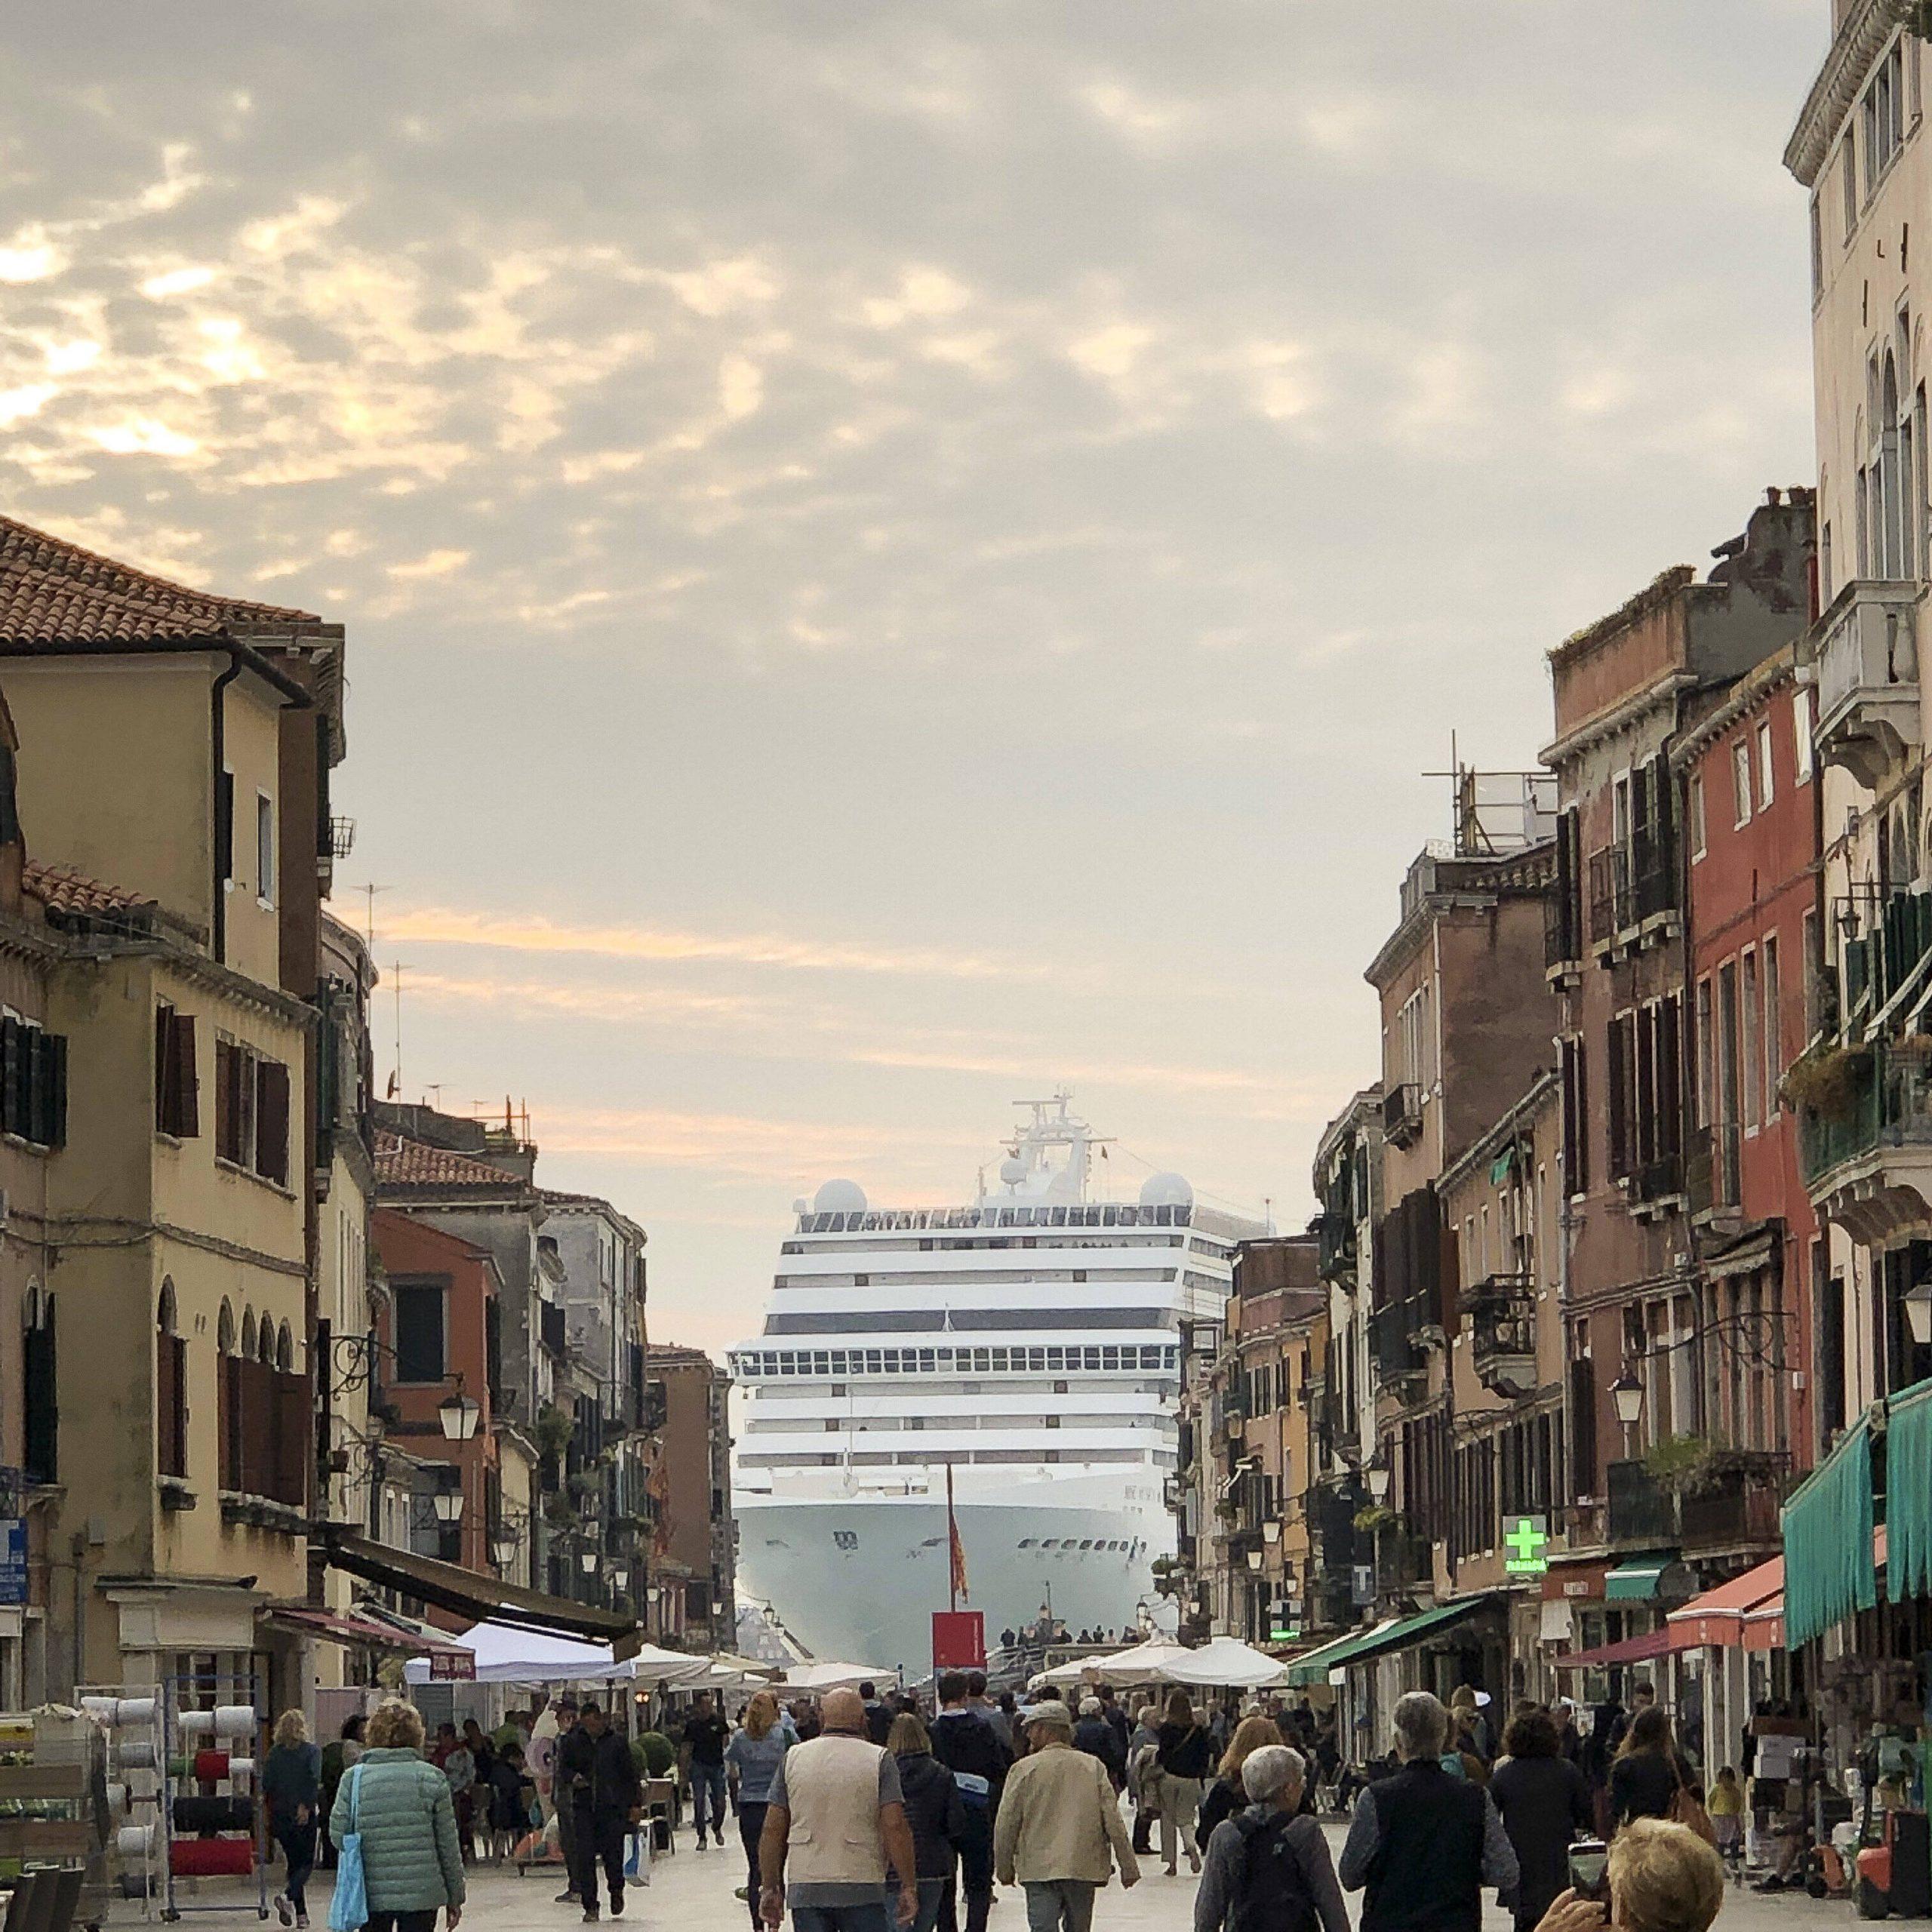 Verhasster Anblick in Venedig: Ein Kreuzfahrtschiff schwimmt durch die Altstadt.